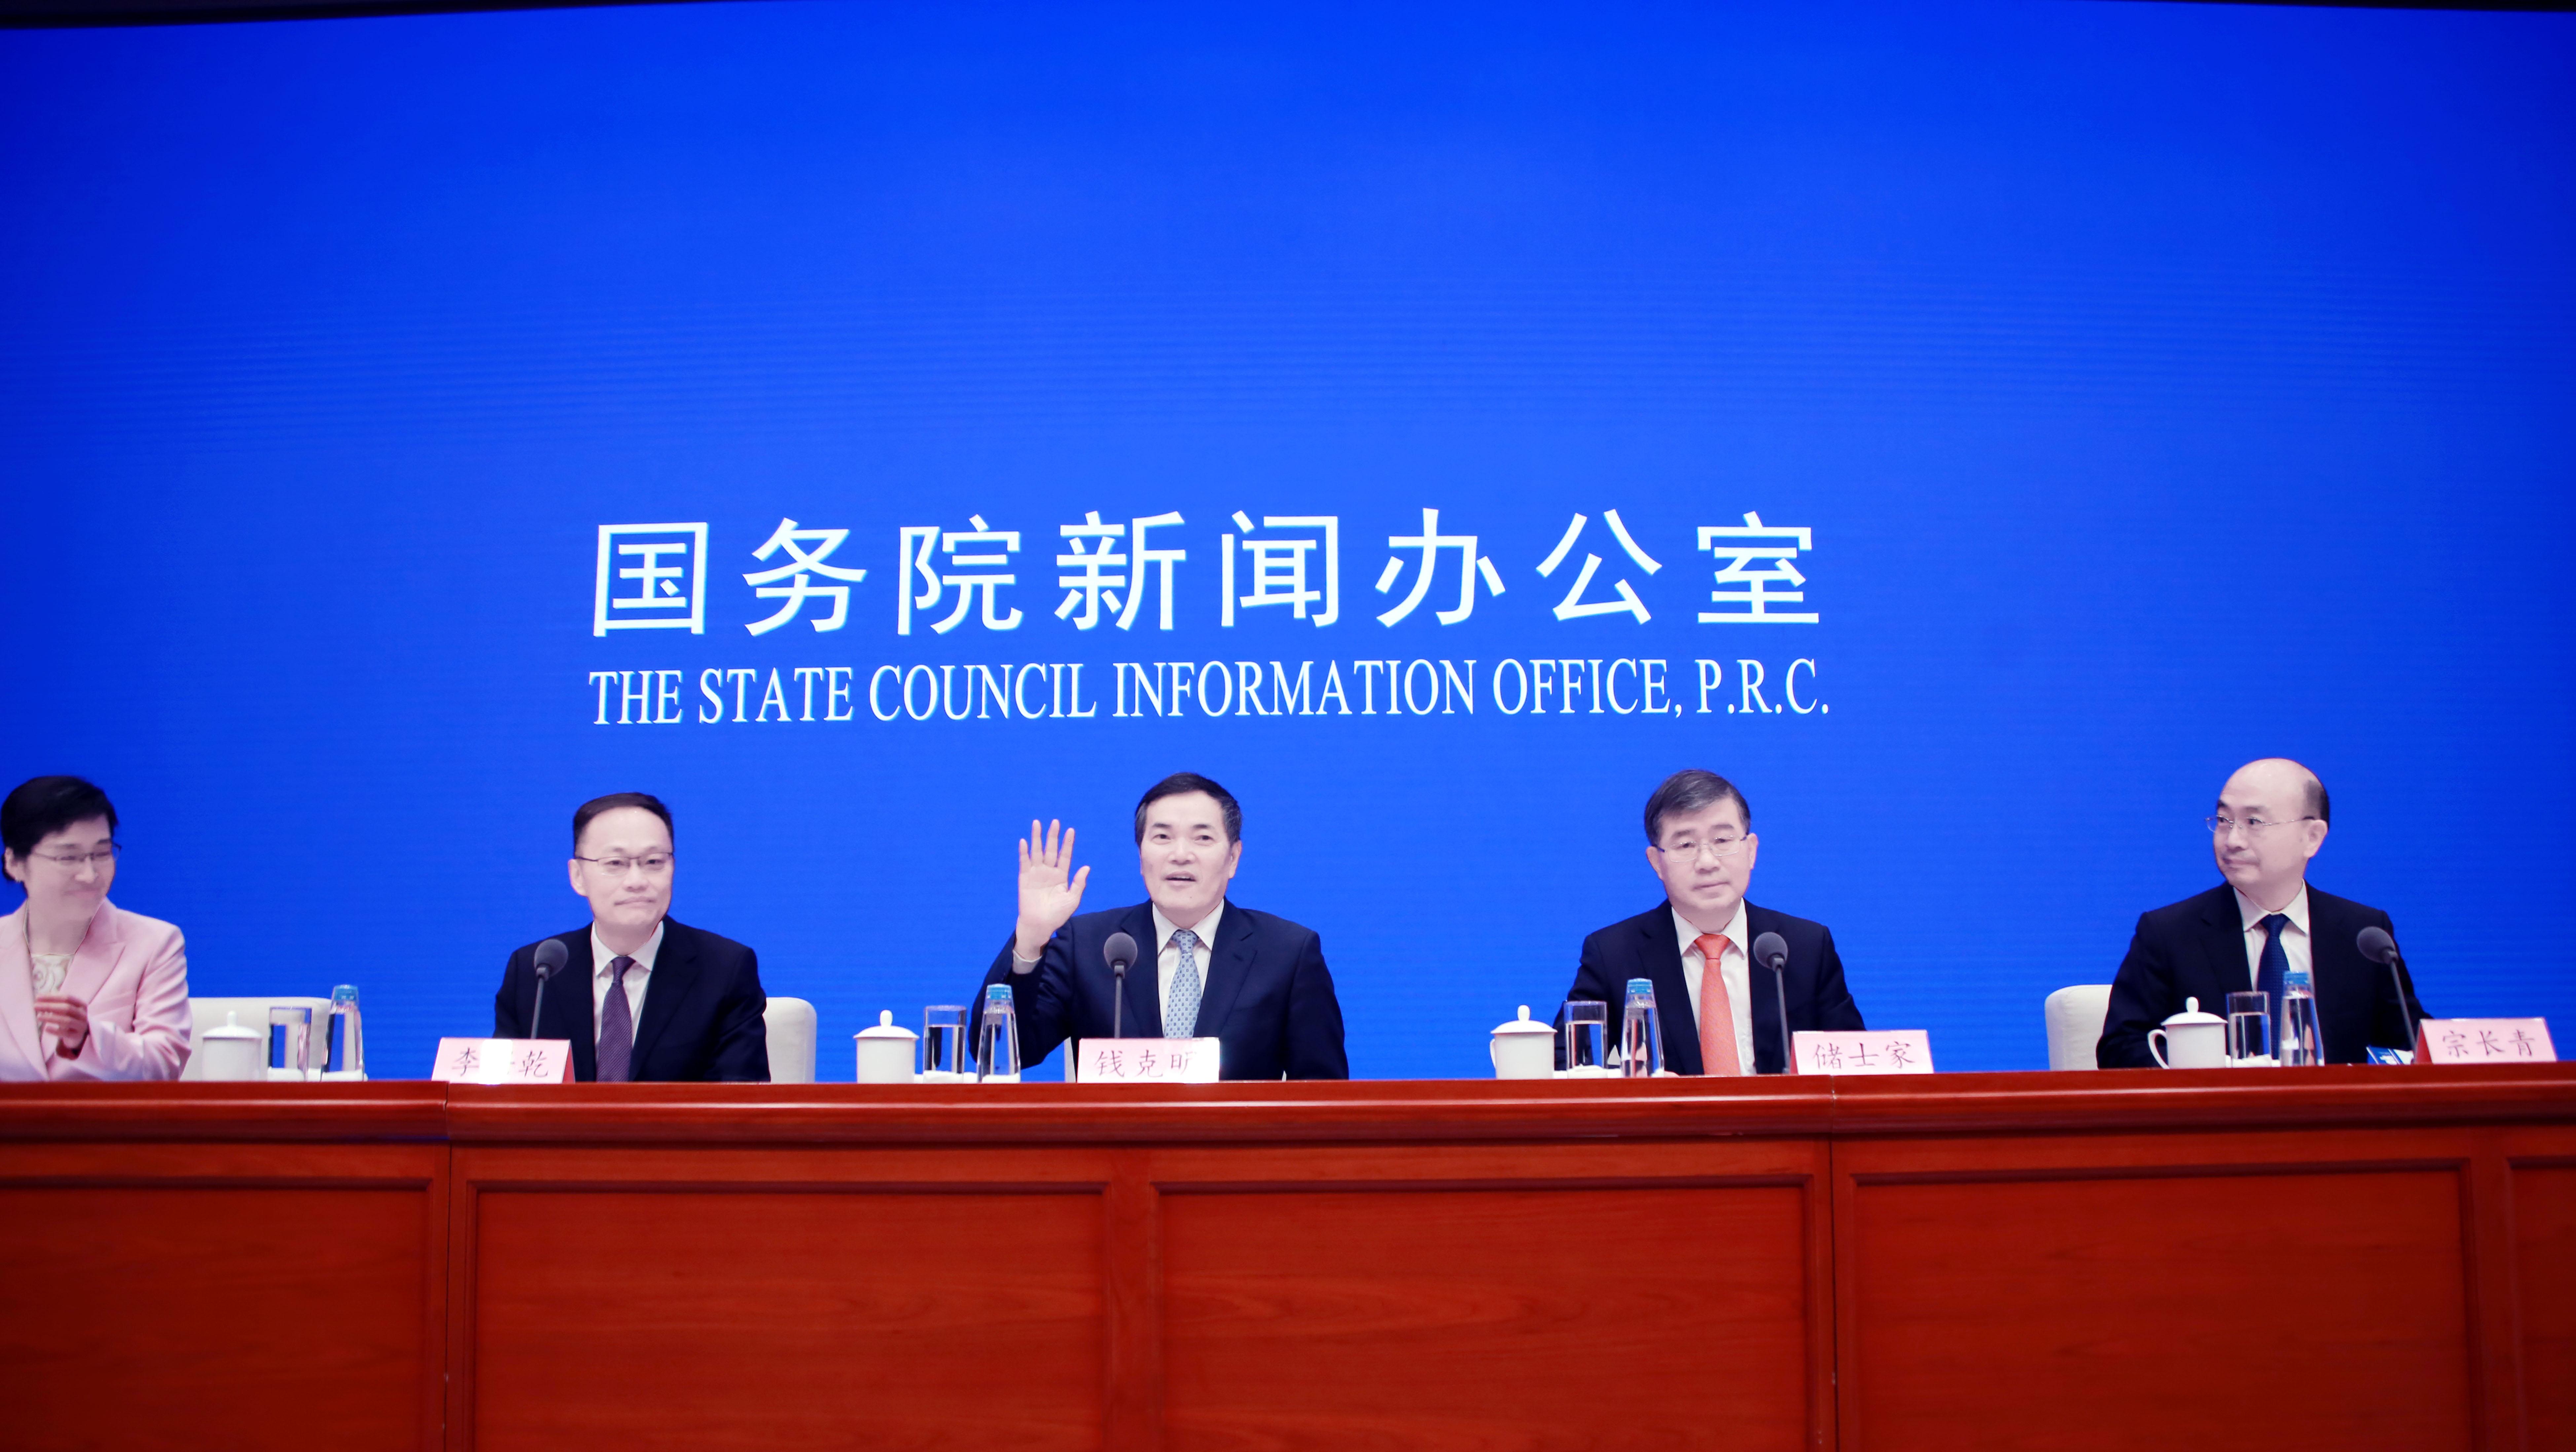 19年の実行ベースの外資利用額は9415億元 中国商務部